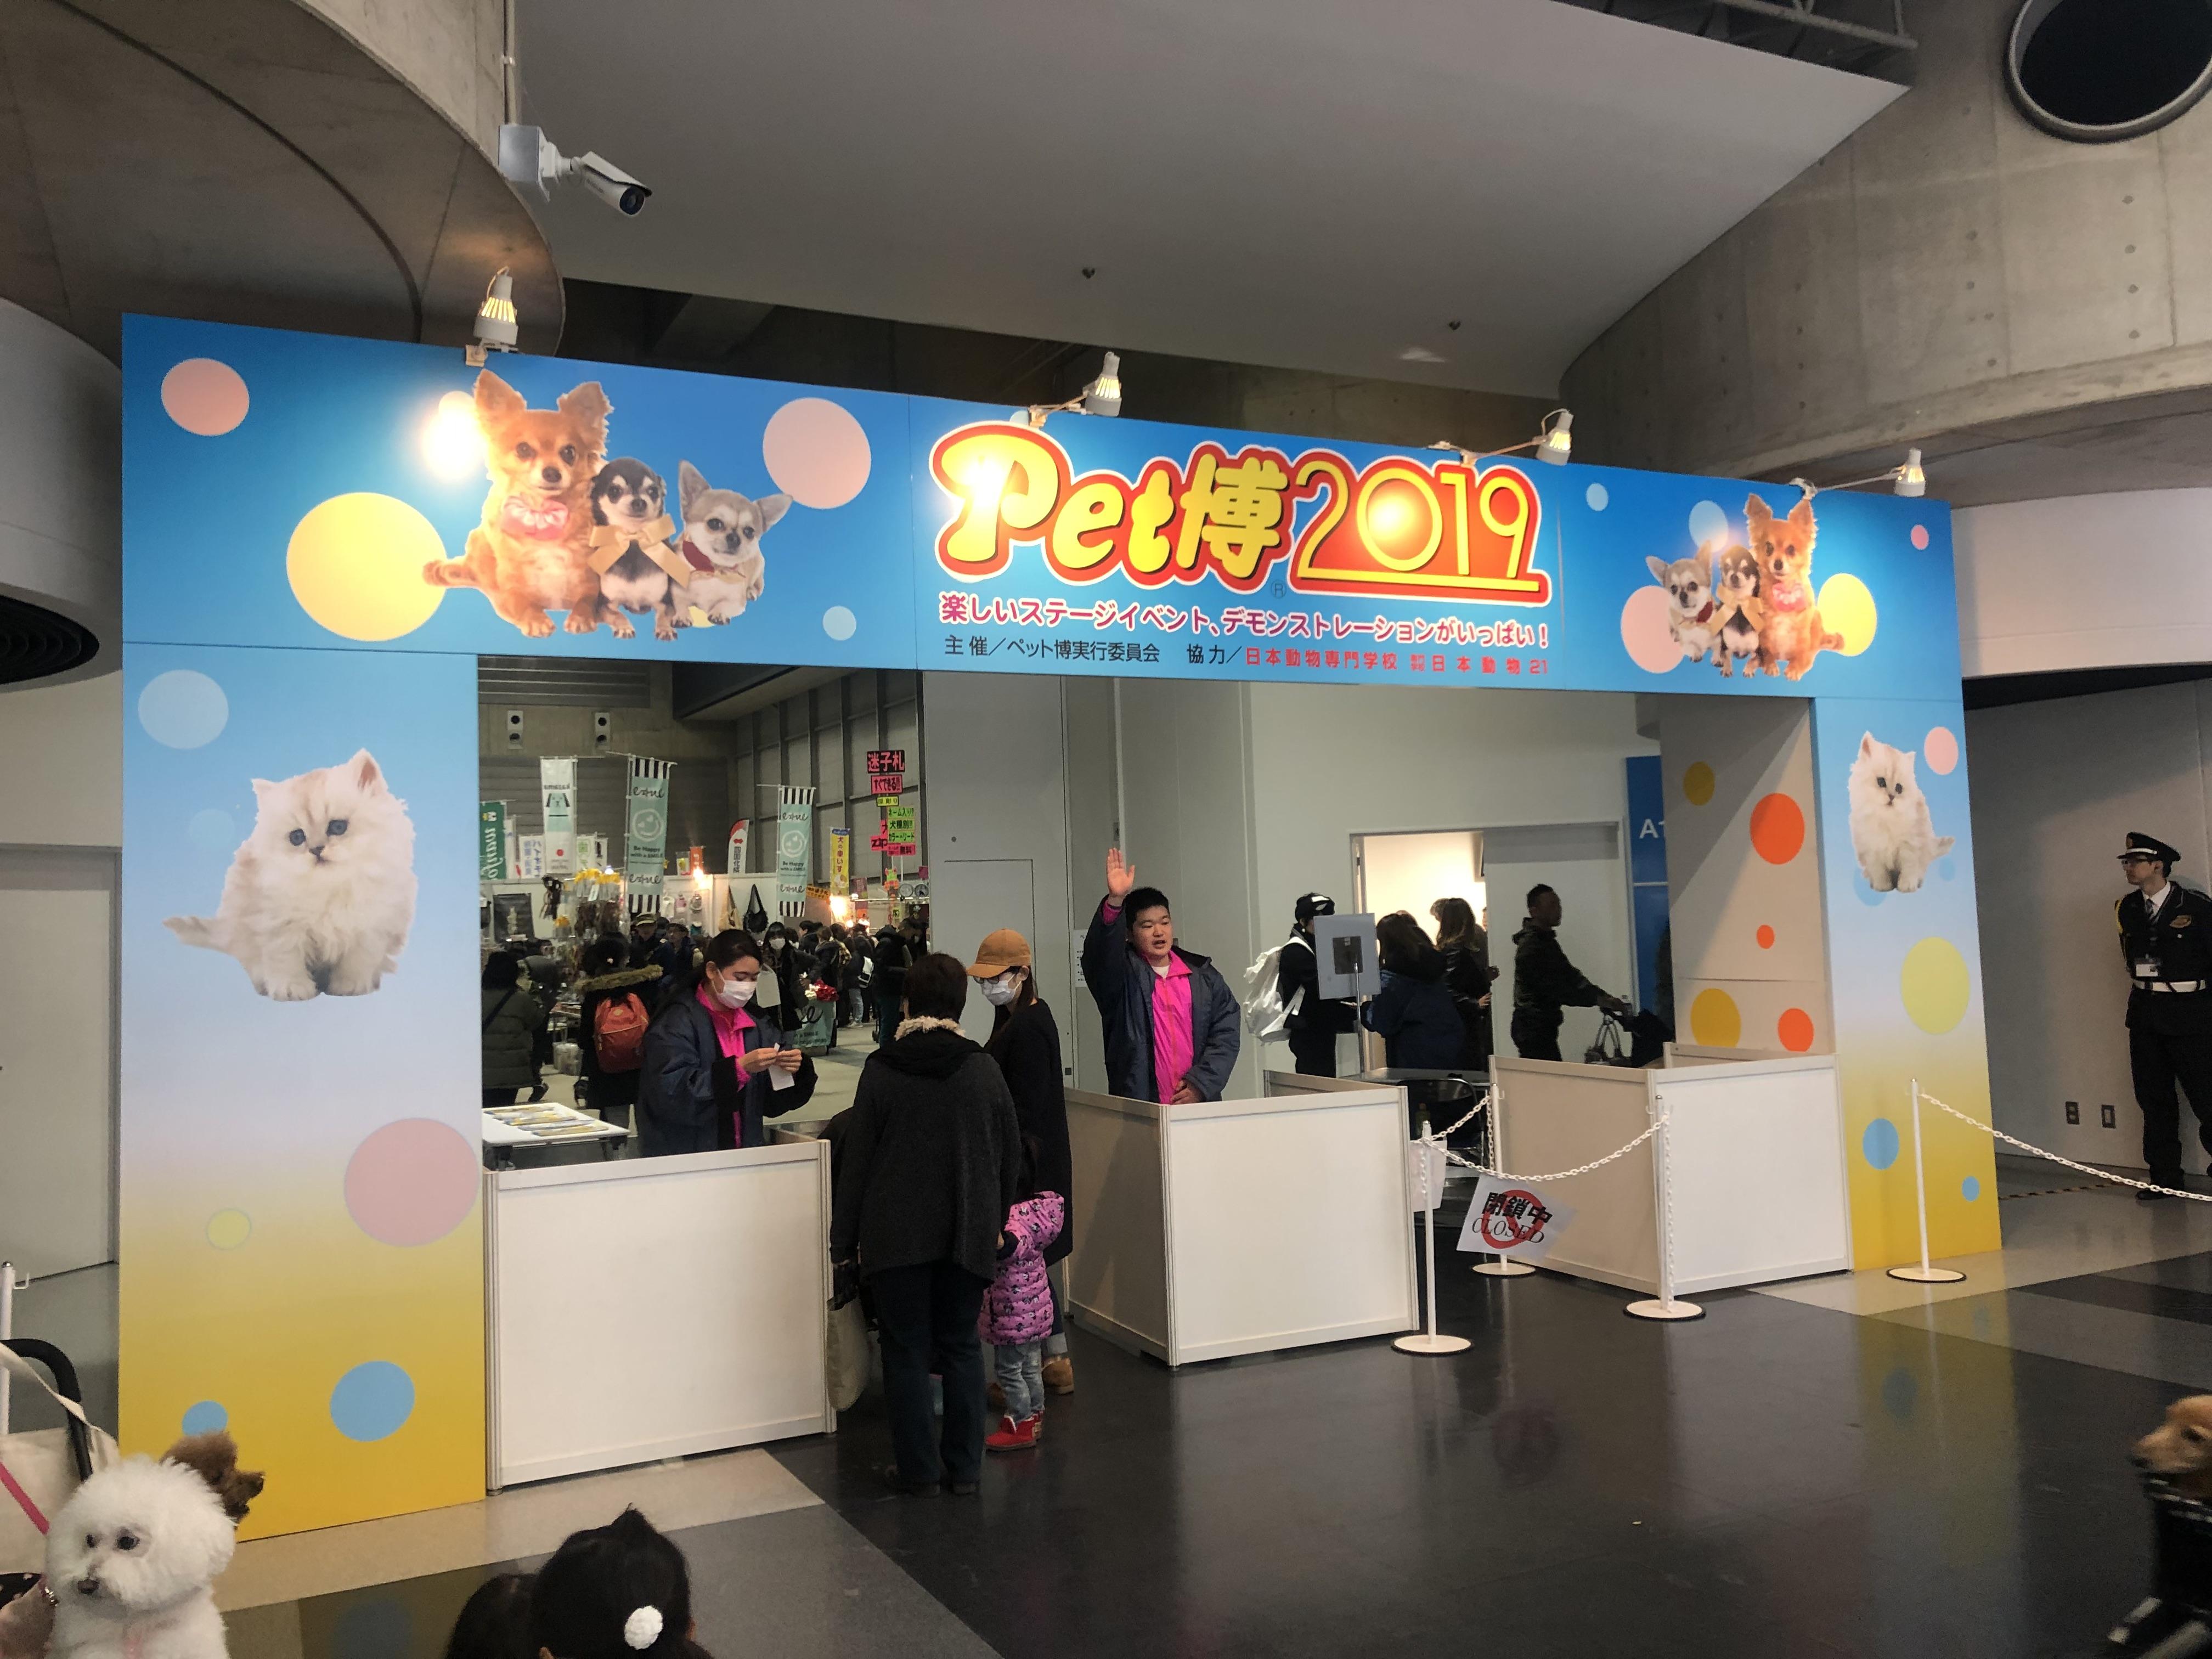 【イベントレポート】Pet博2019in横浜に行ってきました(前編)